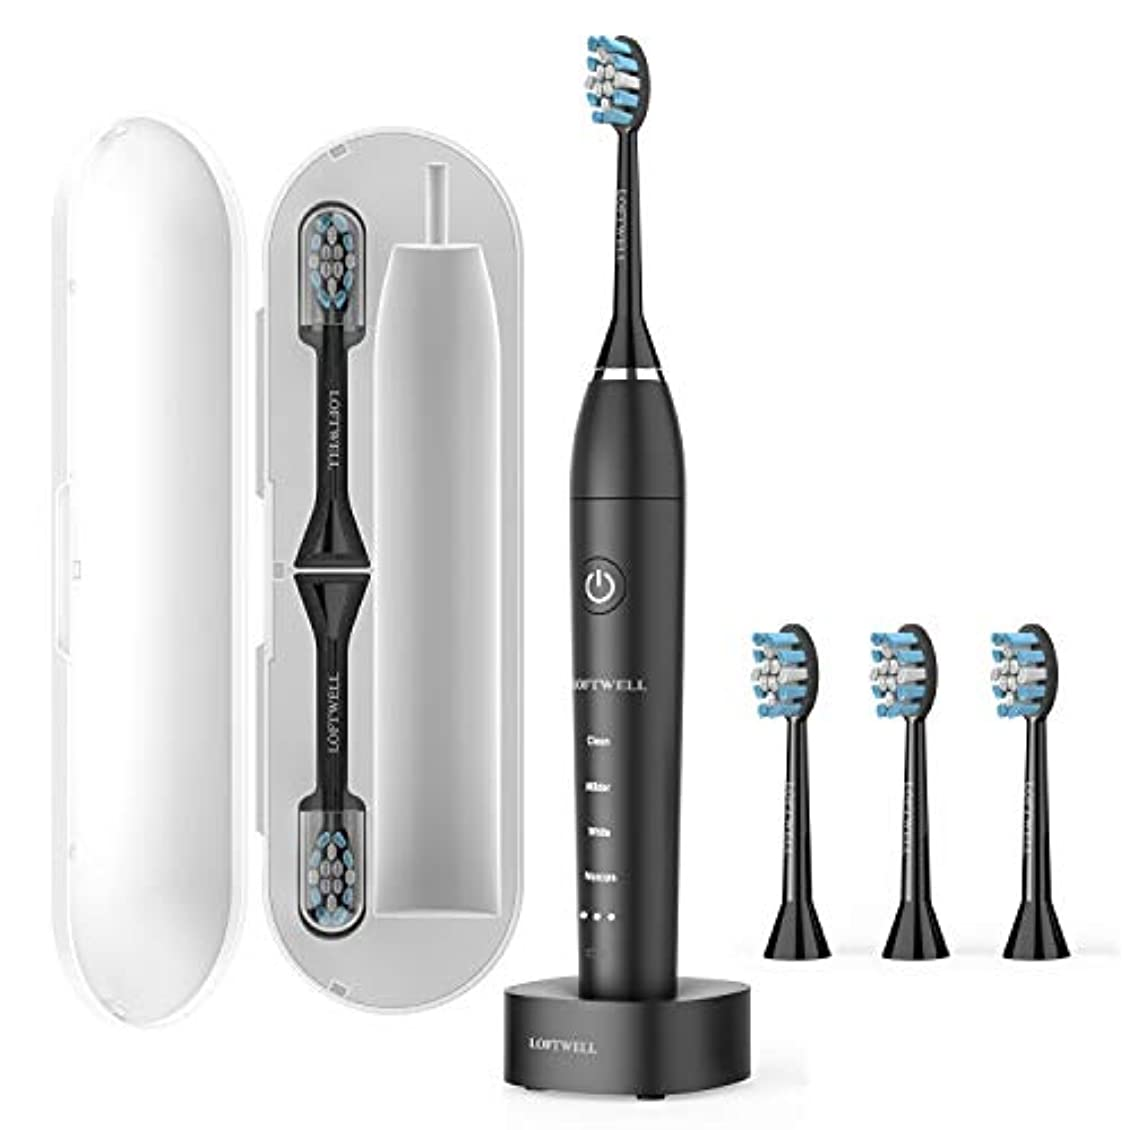 愛撫しなやかドラッグ電動歯ブラシ USB充電式 LOFTWELL 音波歯ブラシ 4モード 超音波 歯ブラシ 2分間オートタイマー機能搭載 フル充電20日使え IPX7防水 替えブラシ6本付き (D5-電動歯ブラシ)